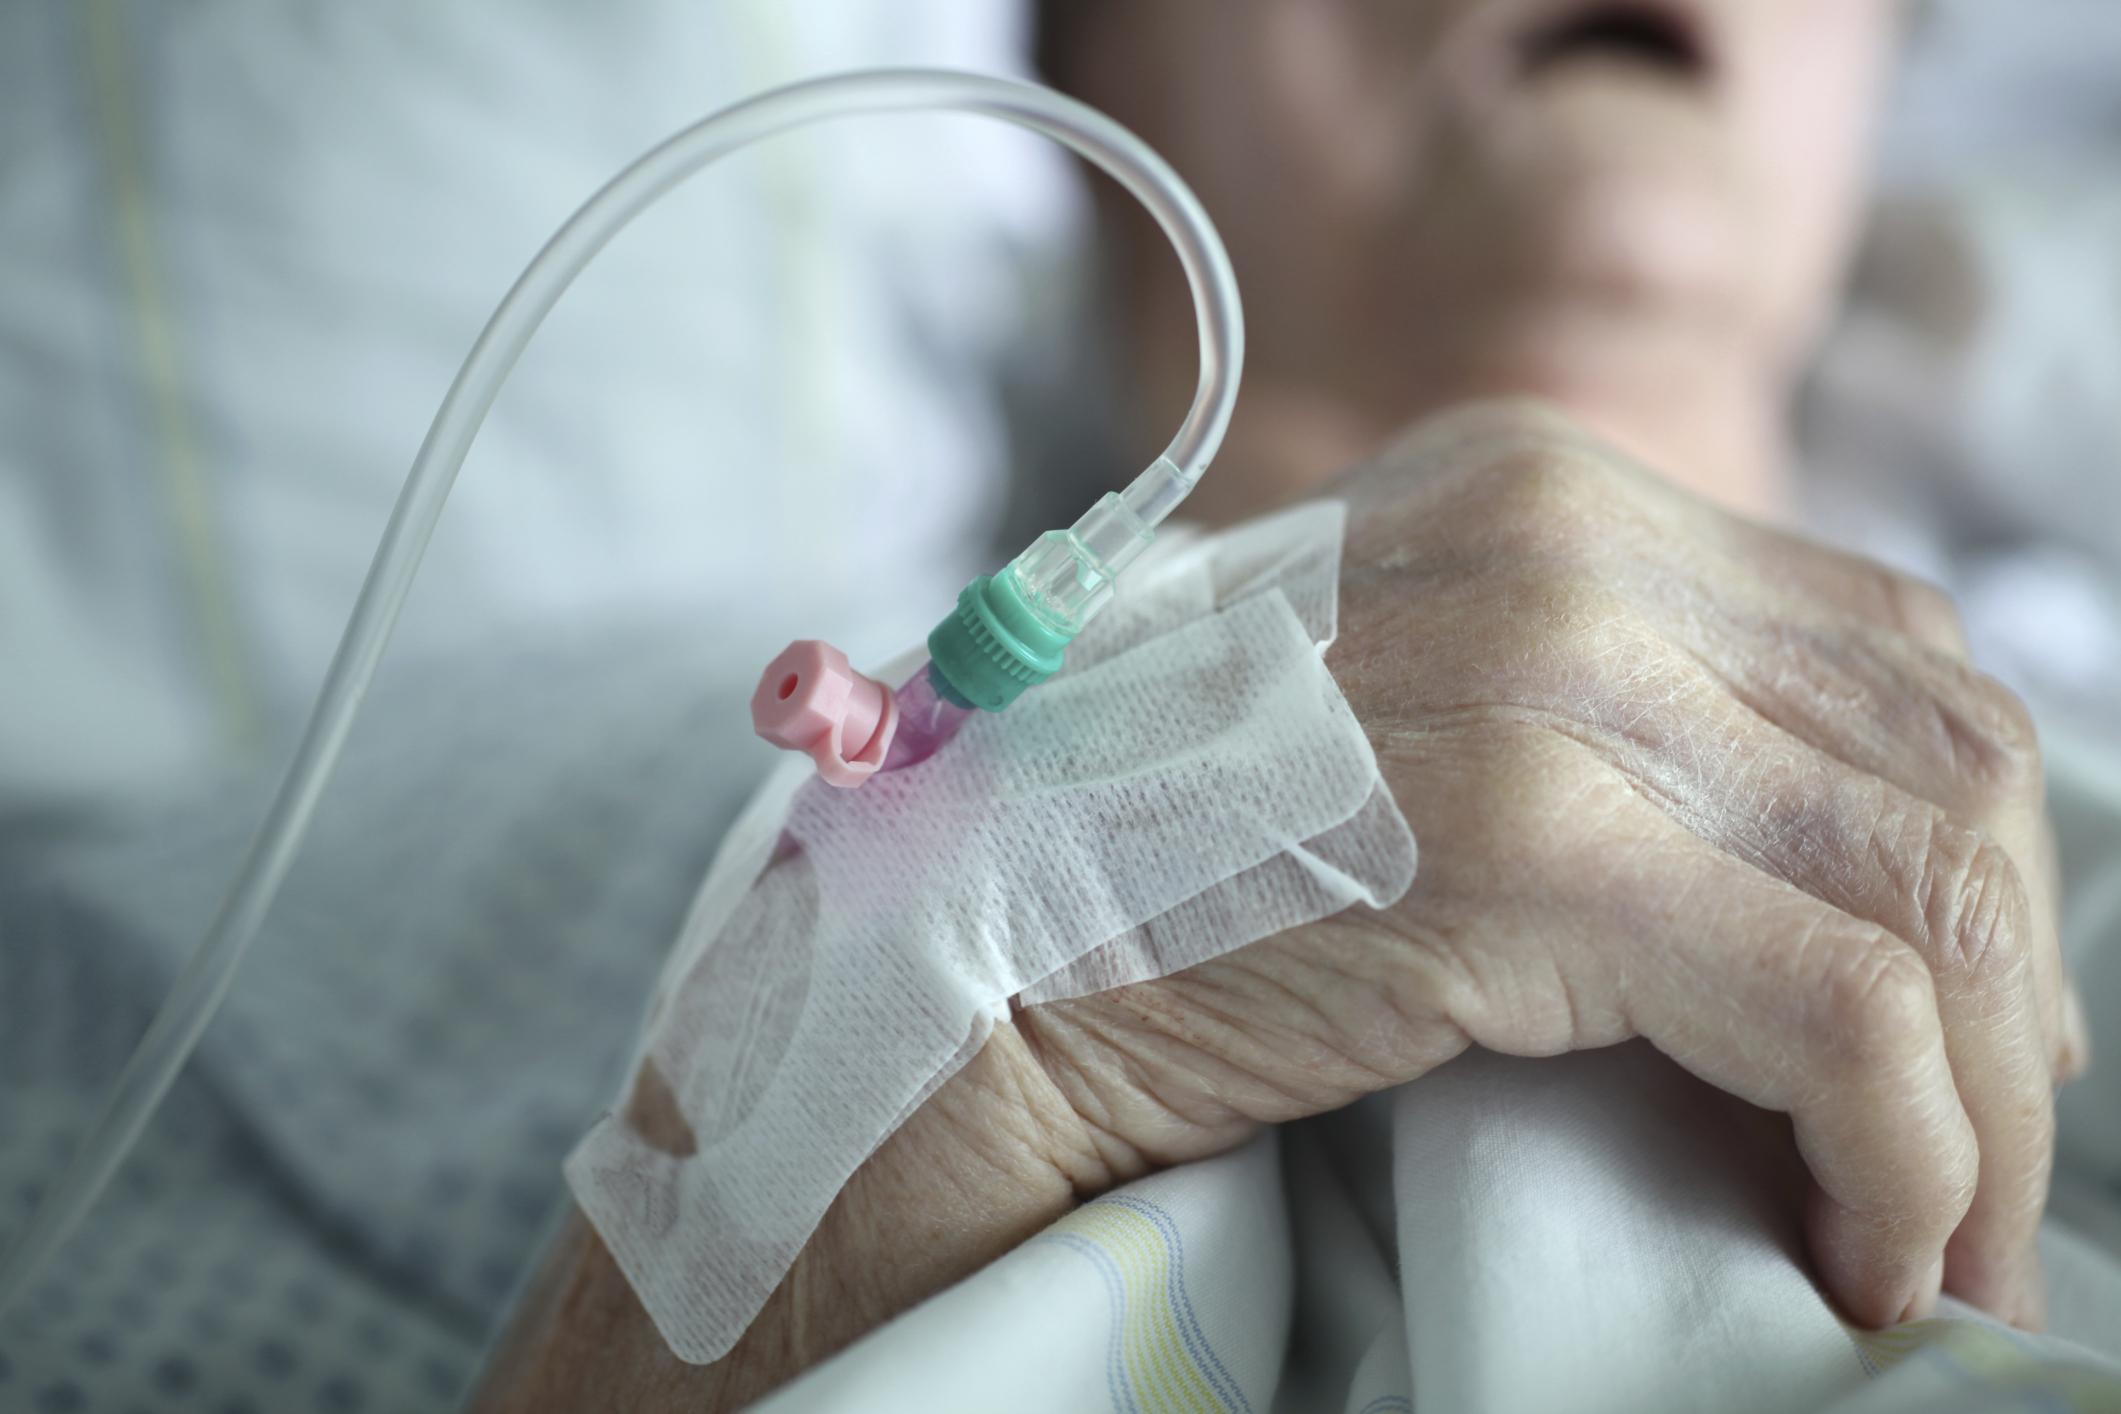 Senado aprueba muerte digna para enfermos terminales